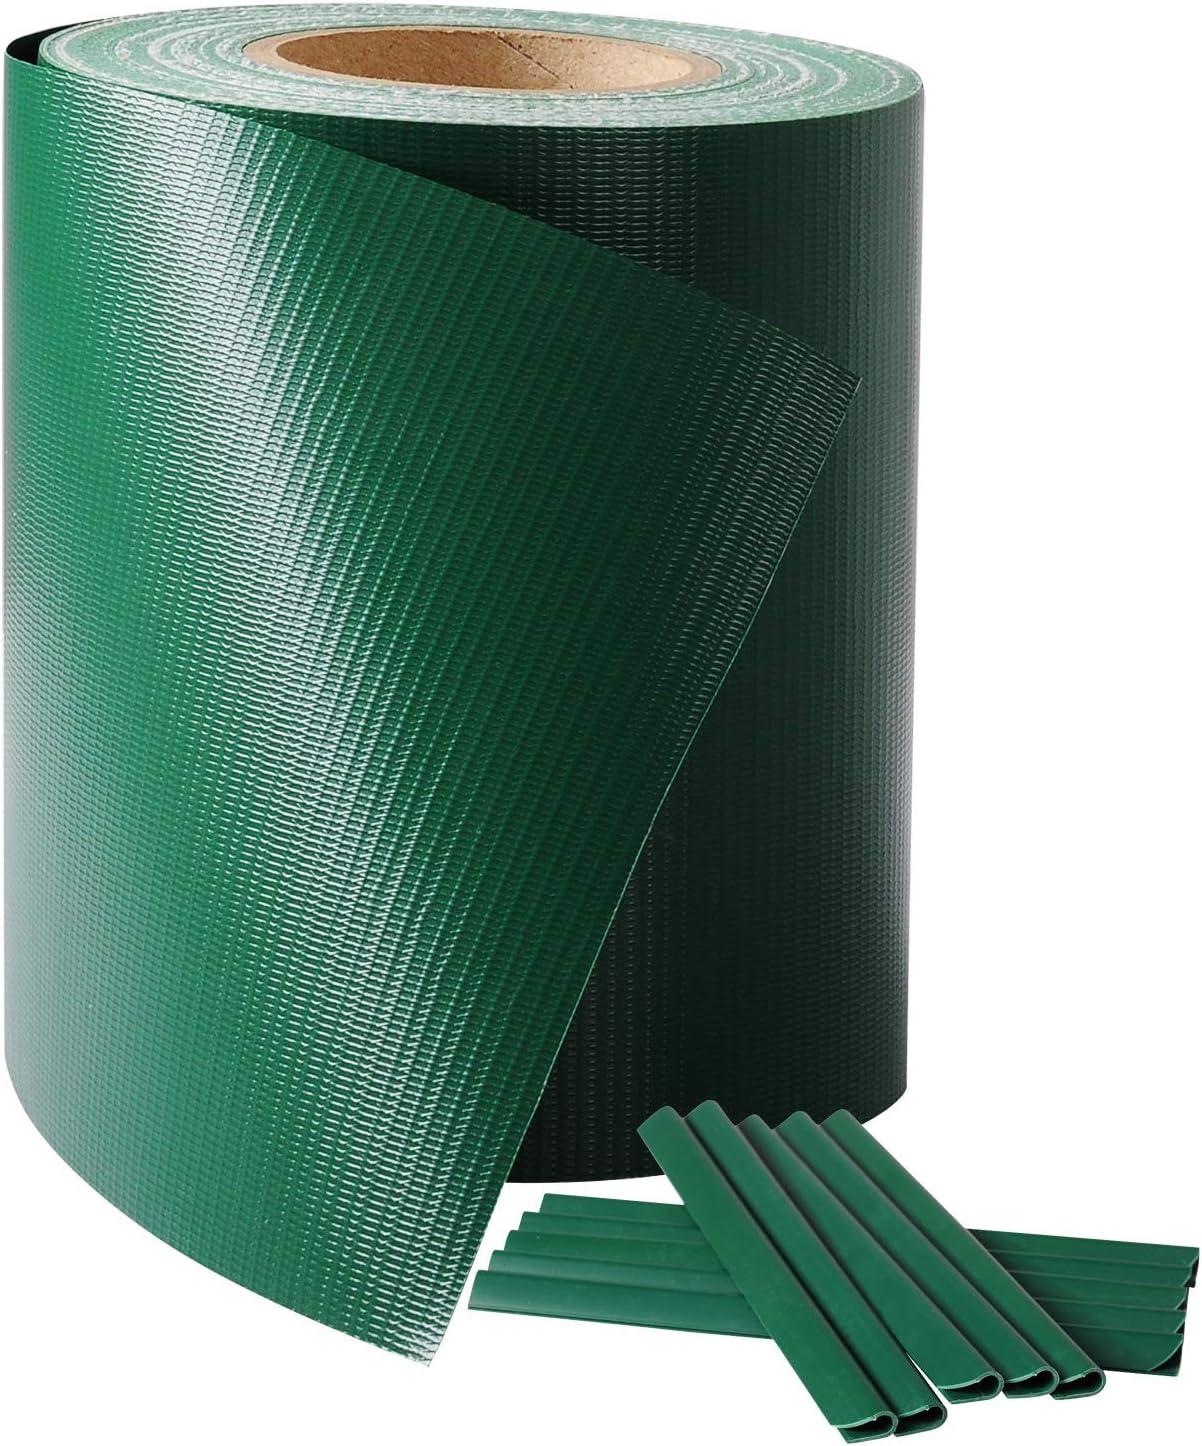 Laneetal PVC Valla Protectora de privacidad Bandas de Ocultación para Verjas Doble Cara para Jardín Balcón 0.19 x 36 cm Verde: Amazon.es: Jardín